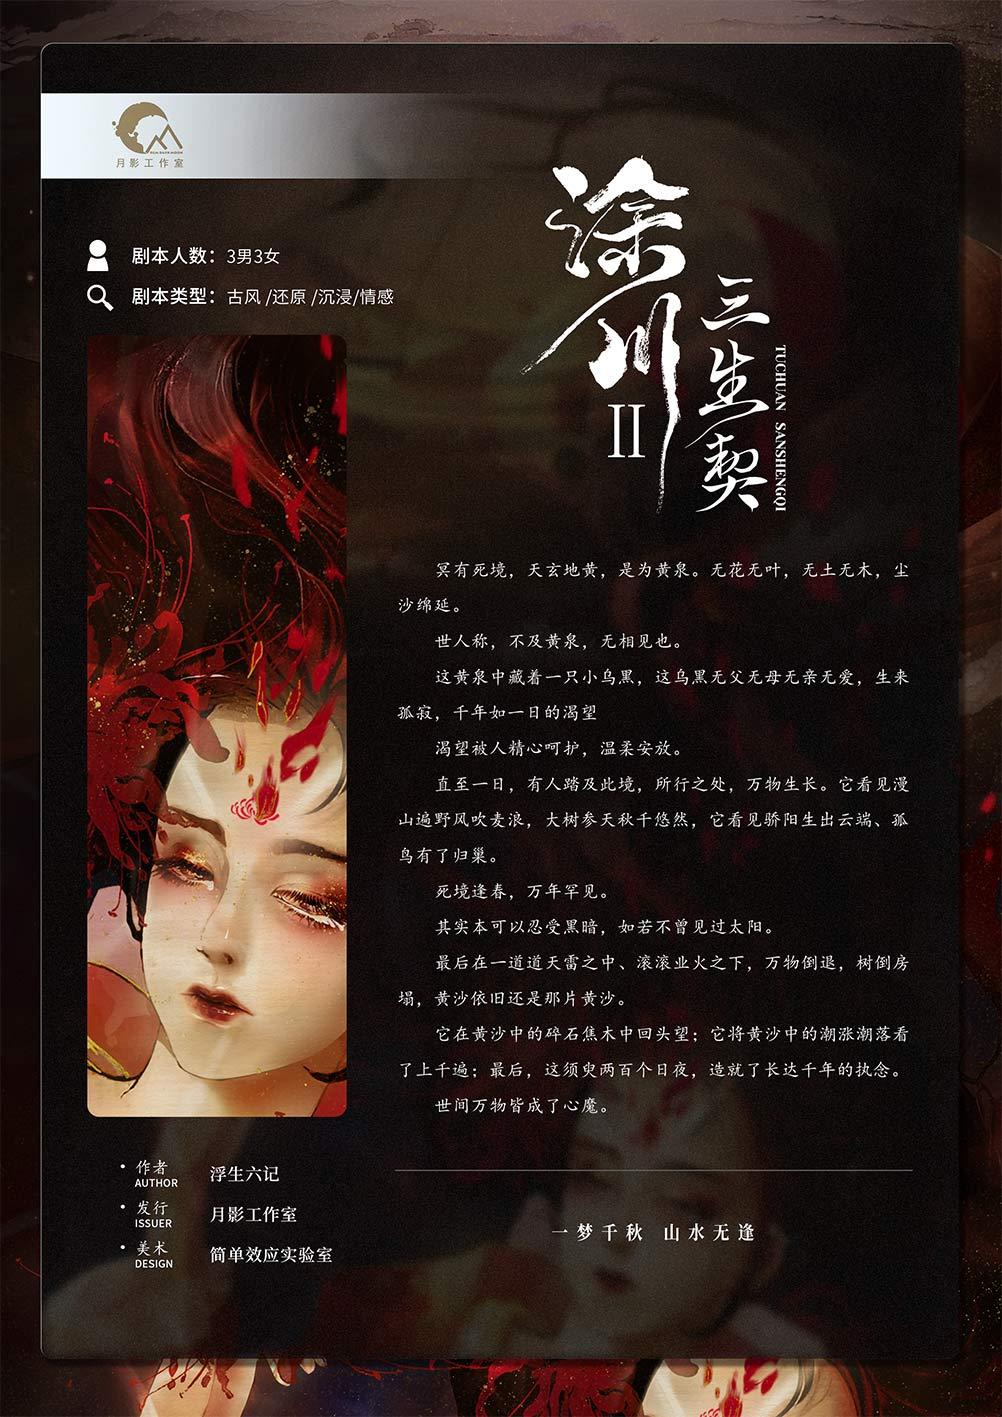 『涂川2:三生契』海报2